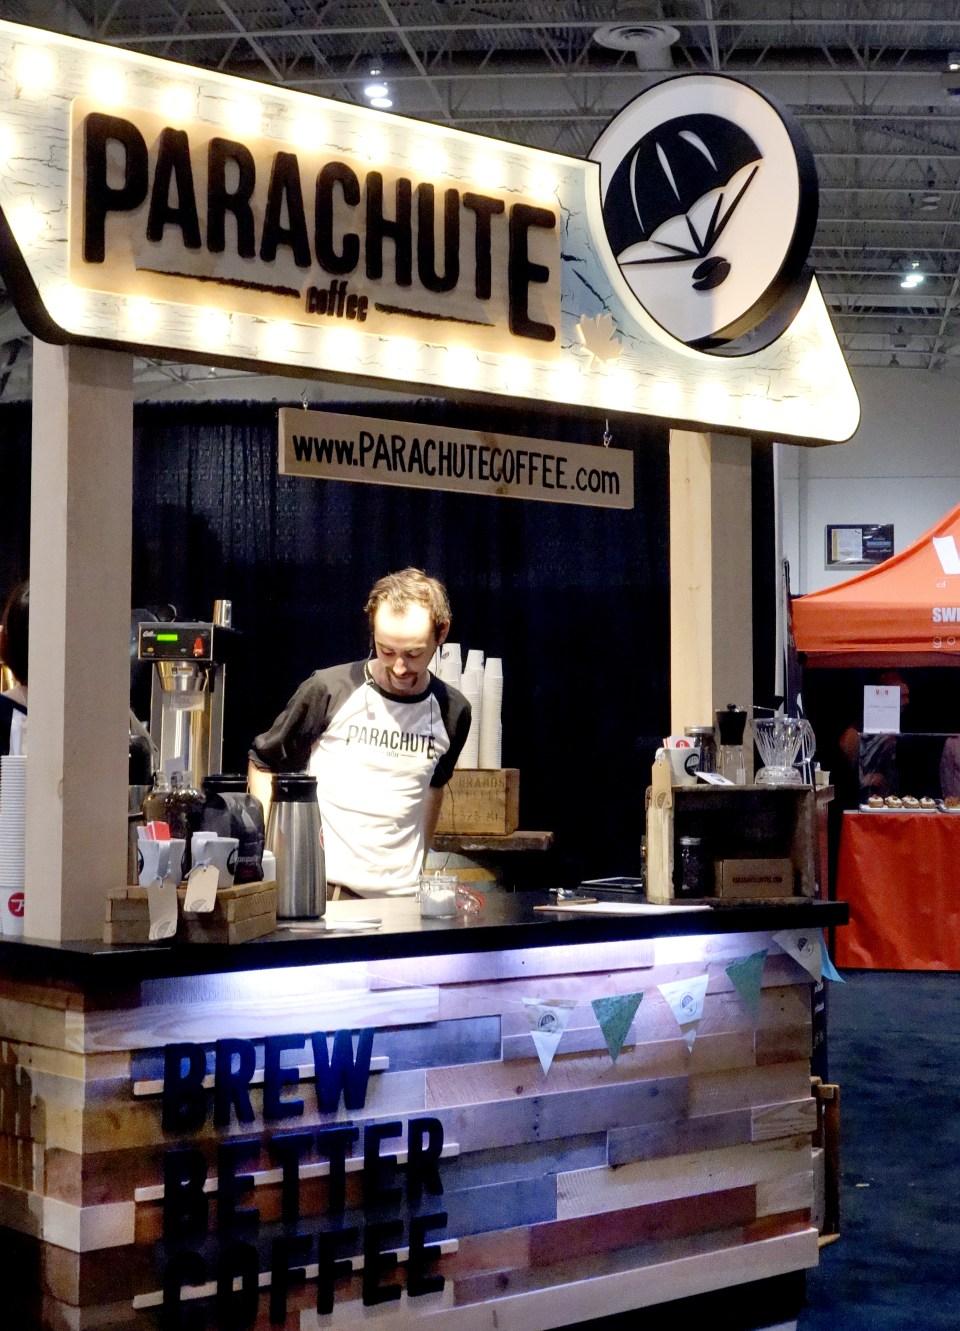 Parachute_Coffee_Toronto2